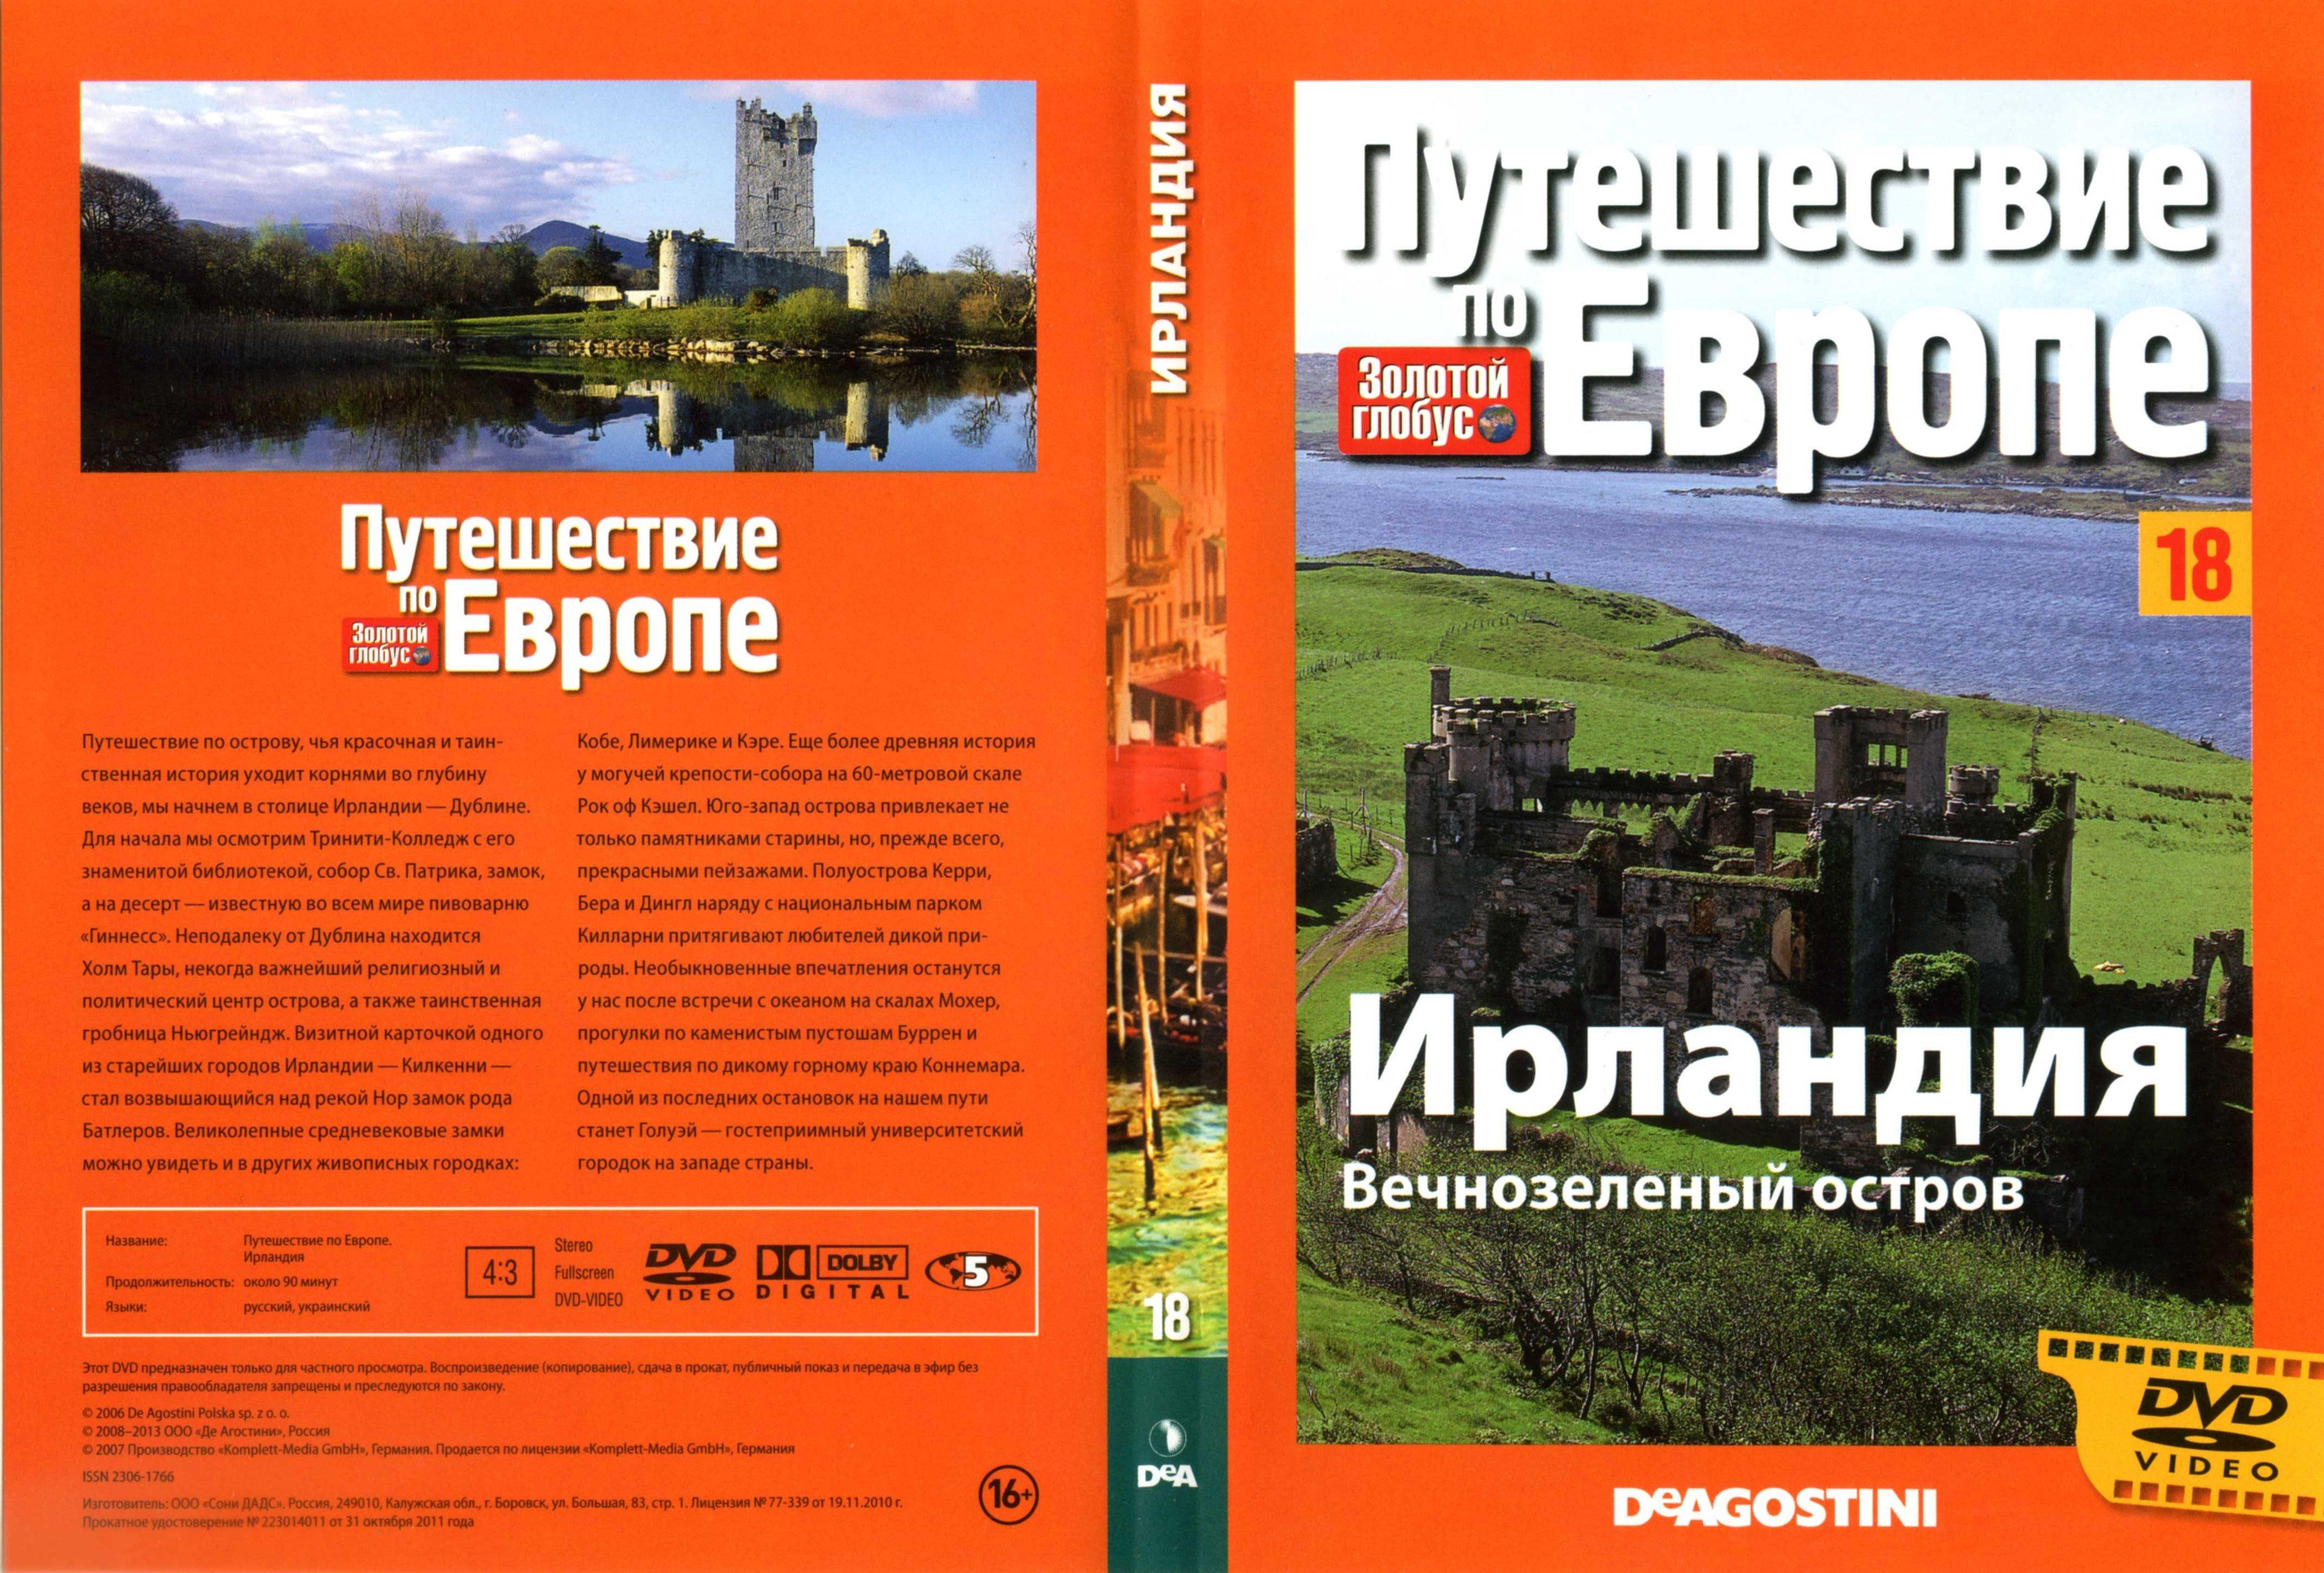 http://i4.imageban.ru/out/2013/06/03/fb7721a609131c18aea07c3921de1295.jpg